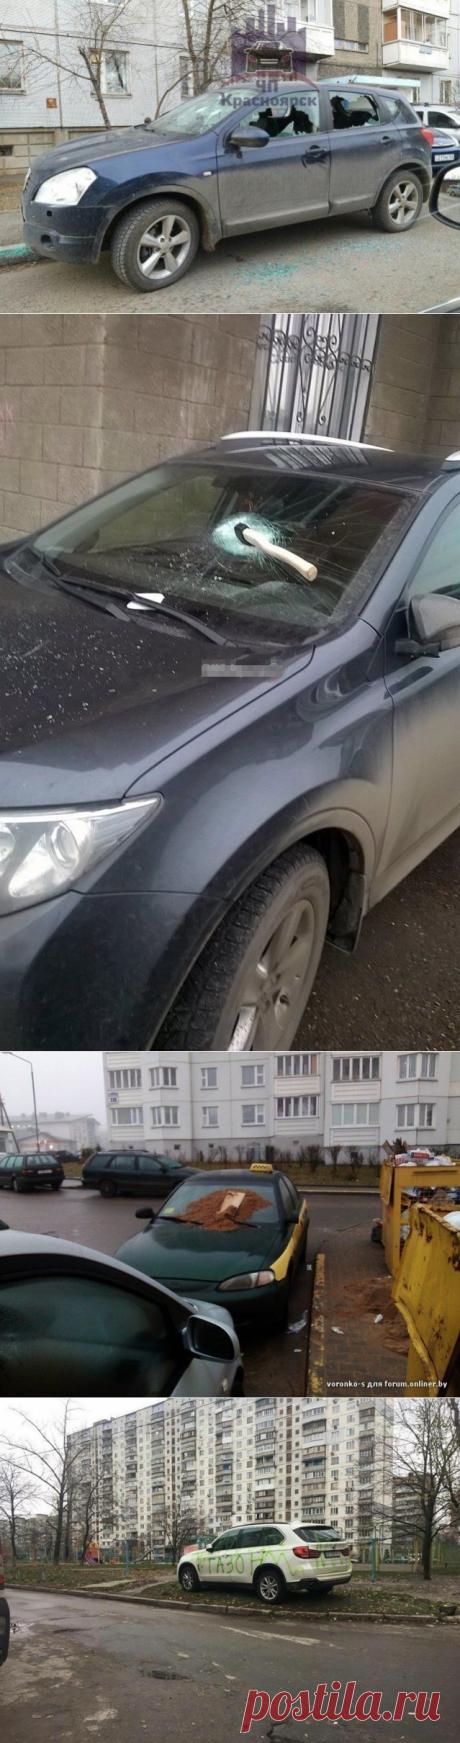 В Красноярске припаркованному на тротуаре автомобилю «прострелили» окна